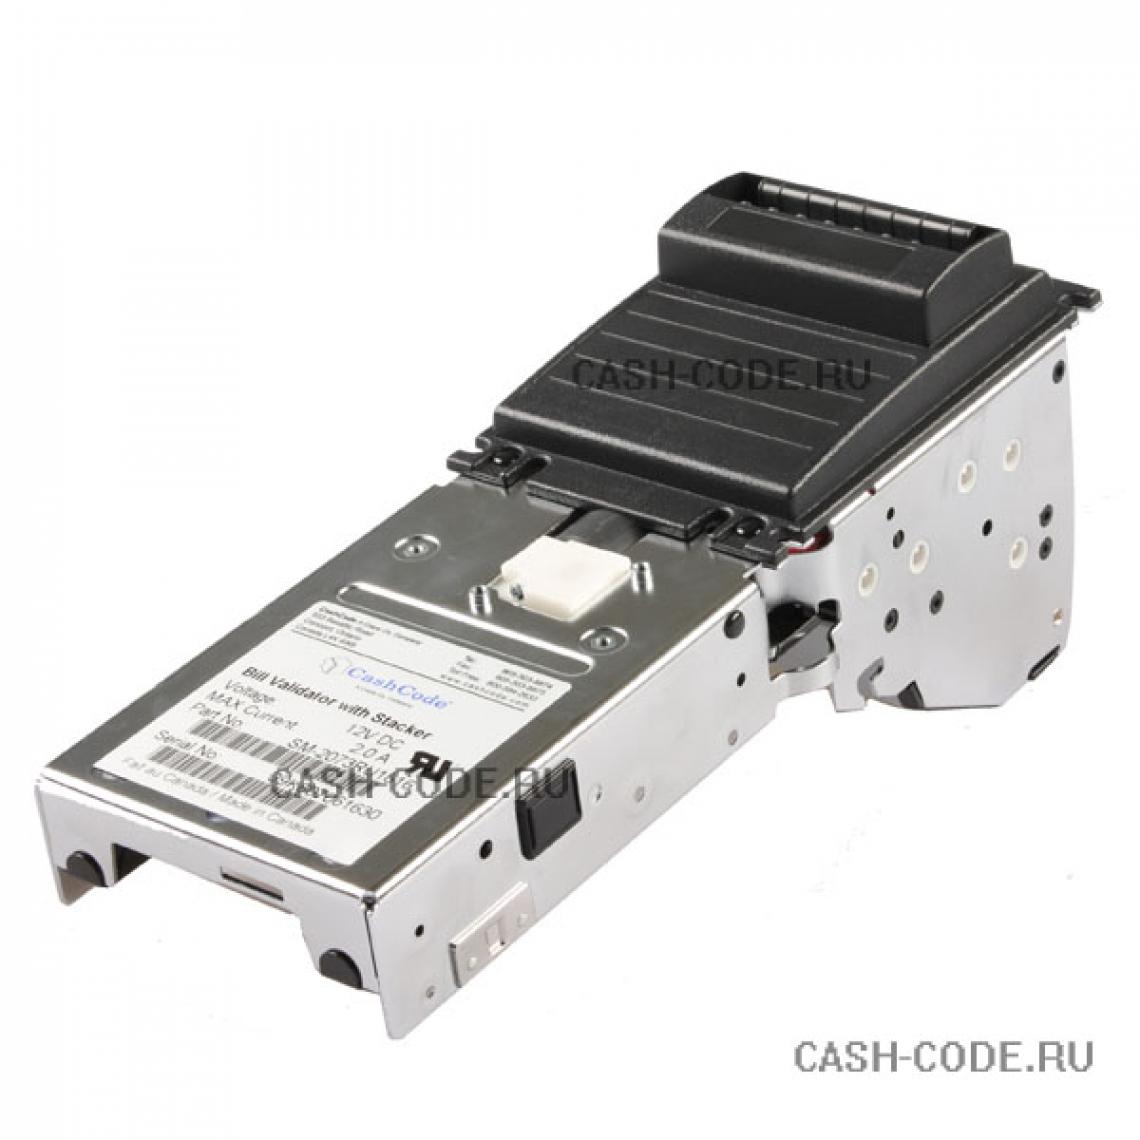 cashcodeSM_1